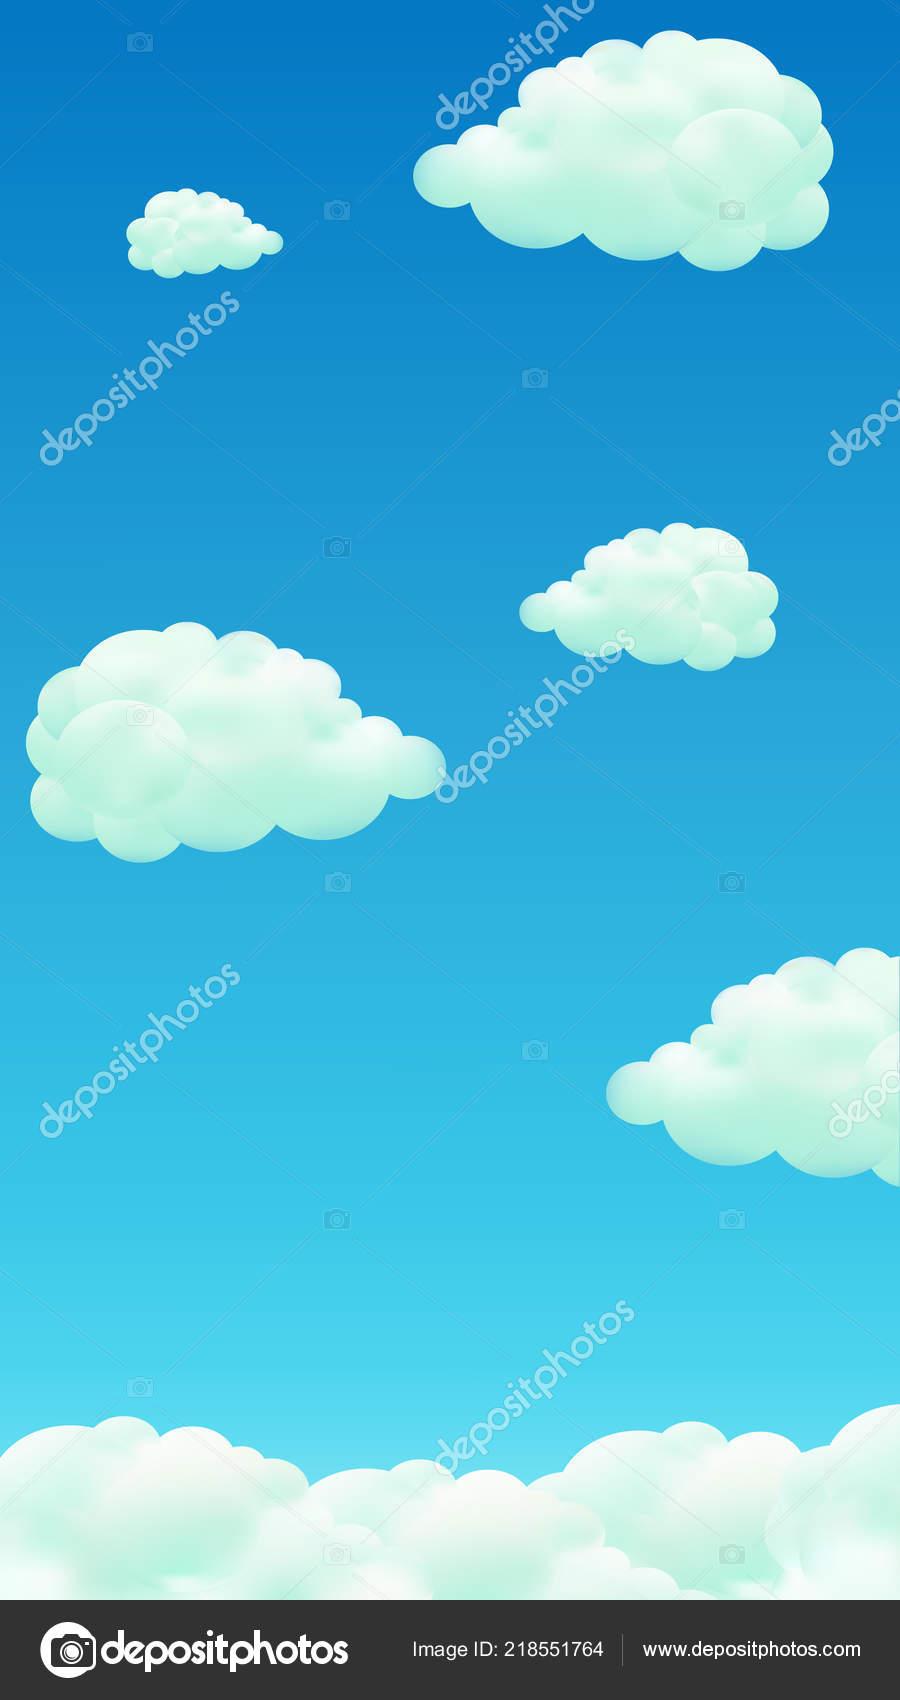 Sfondo Nuvole Cellulare Gradiente Cielo Blu E Nuvole Fumetto